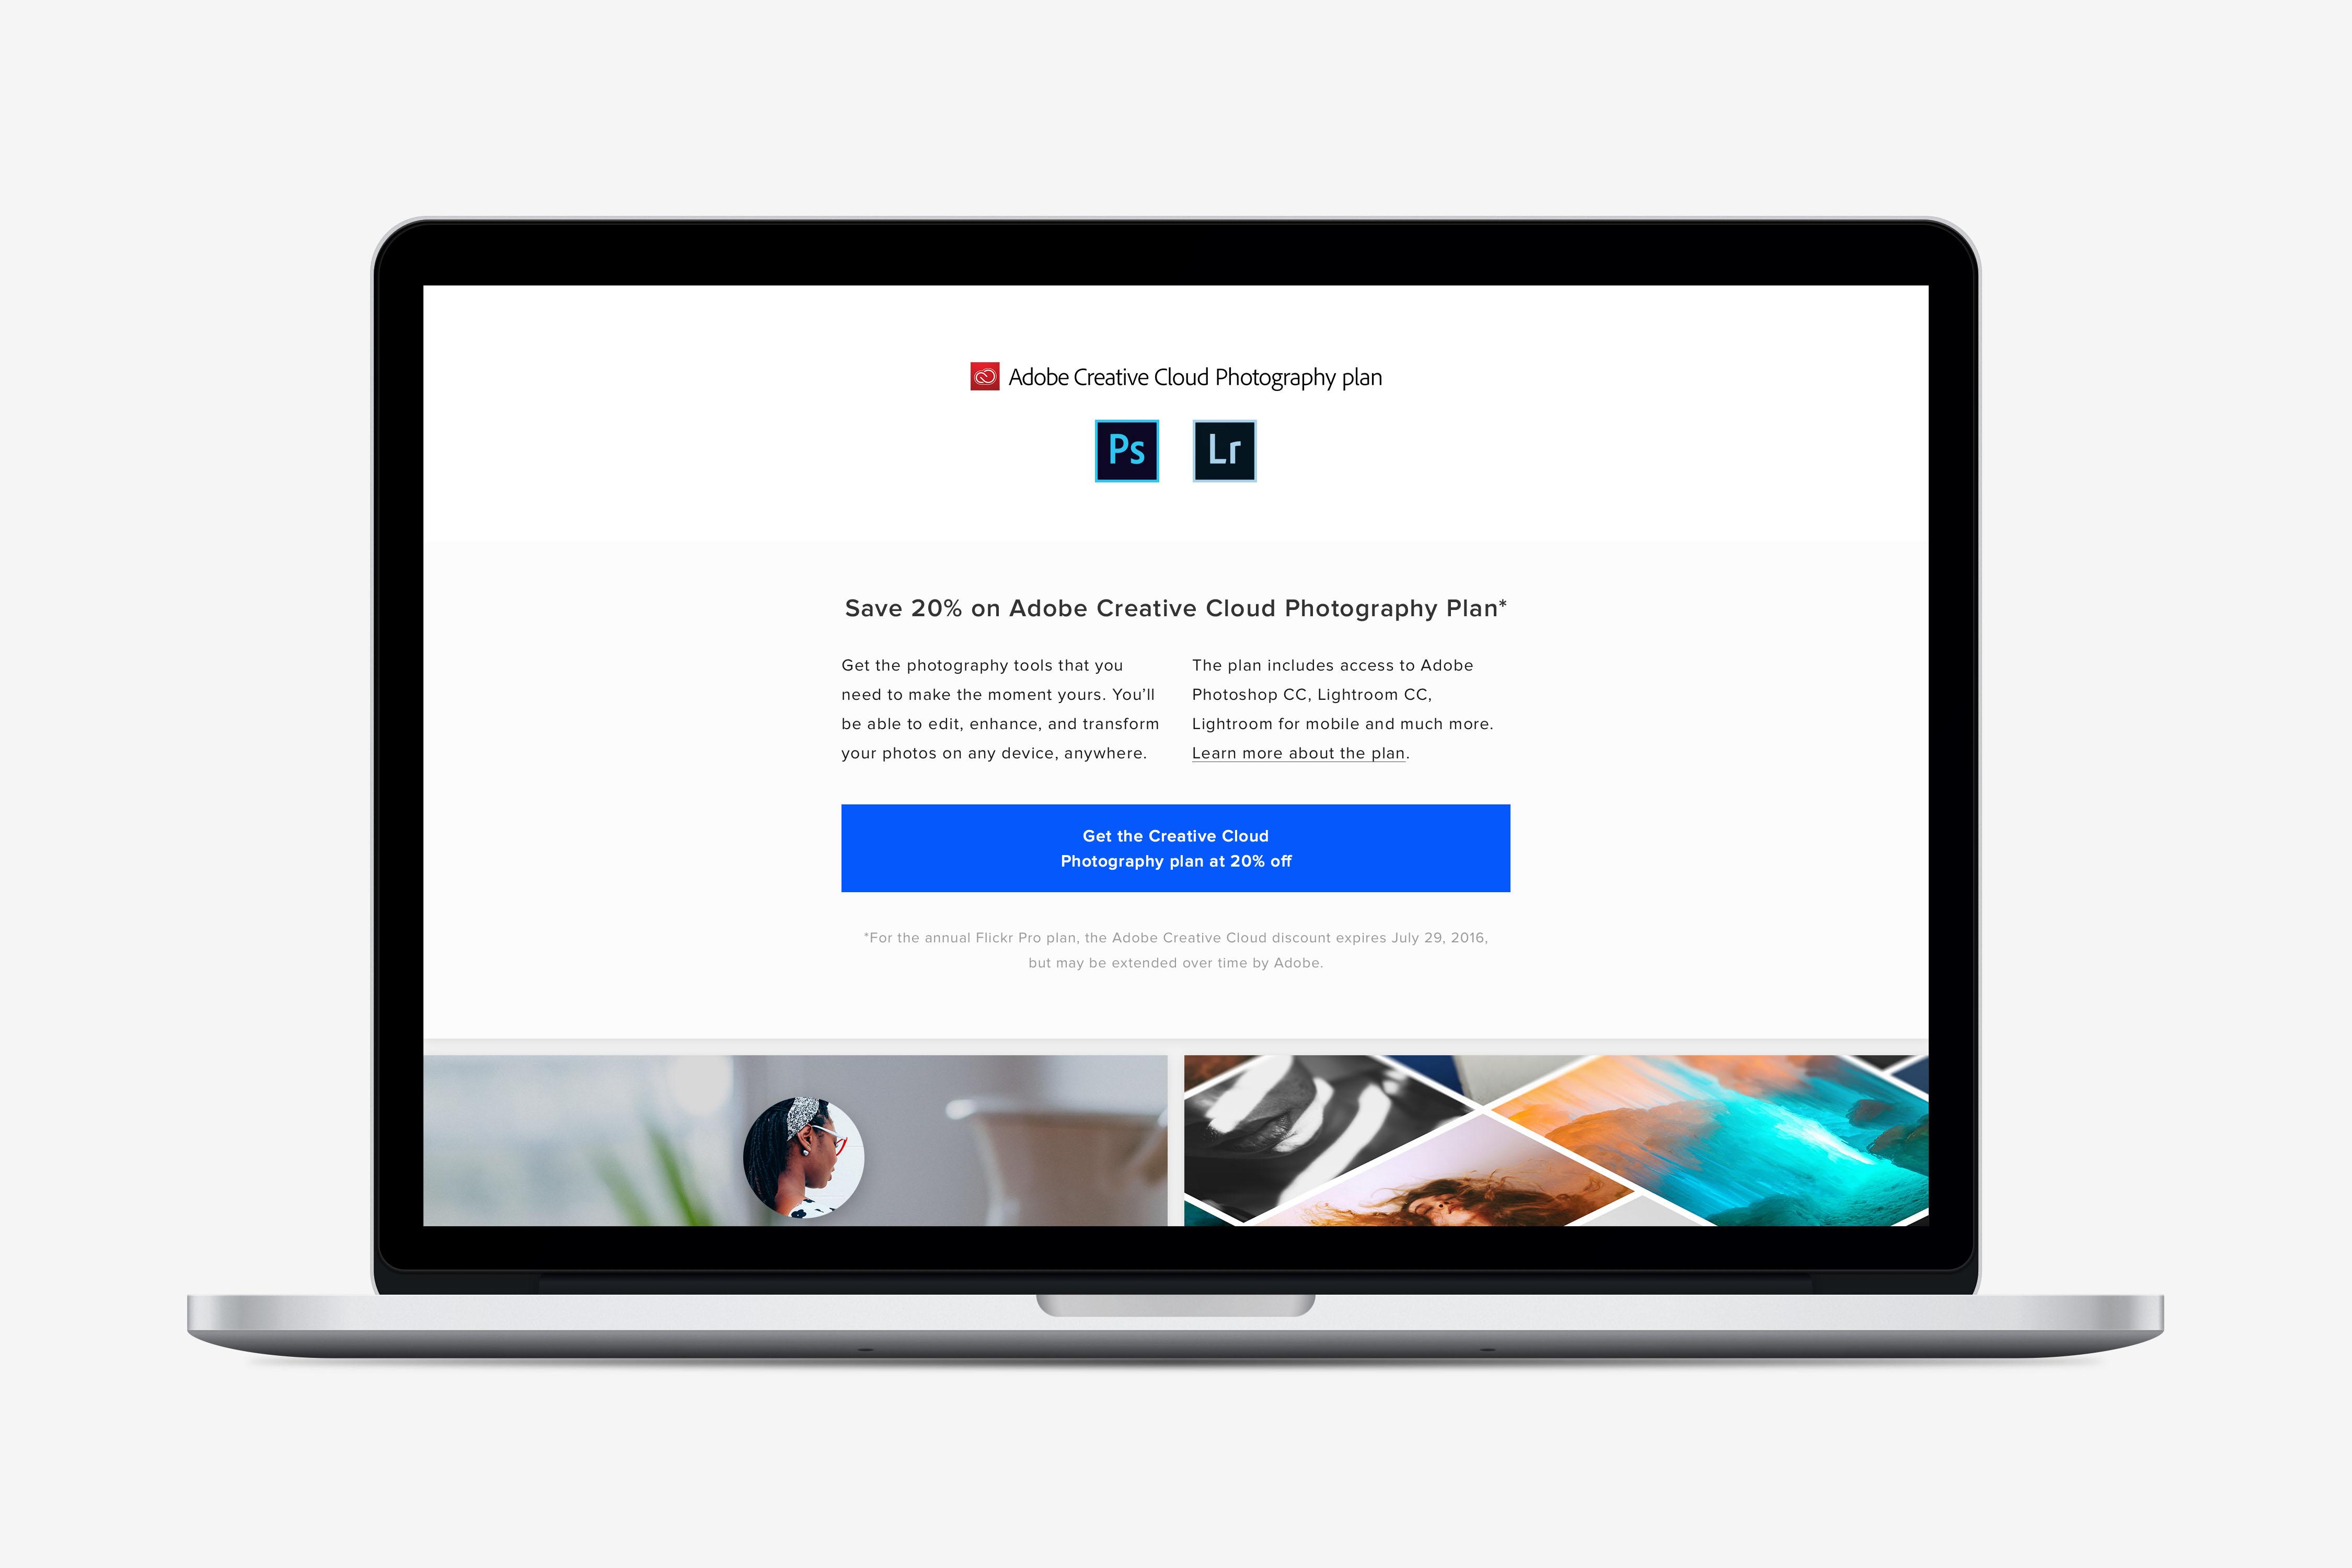 Flickr Pro Adobe 20%